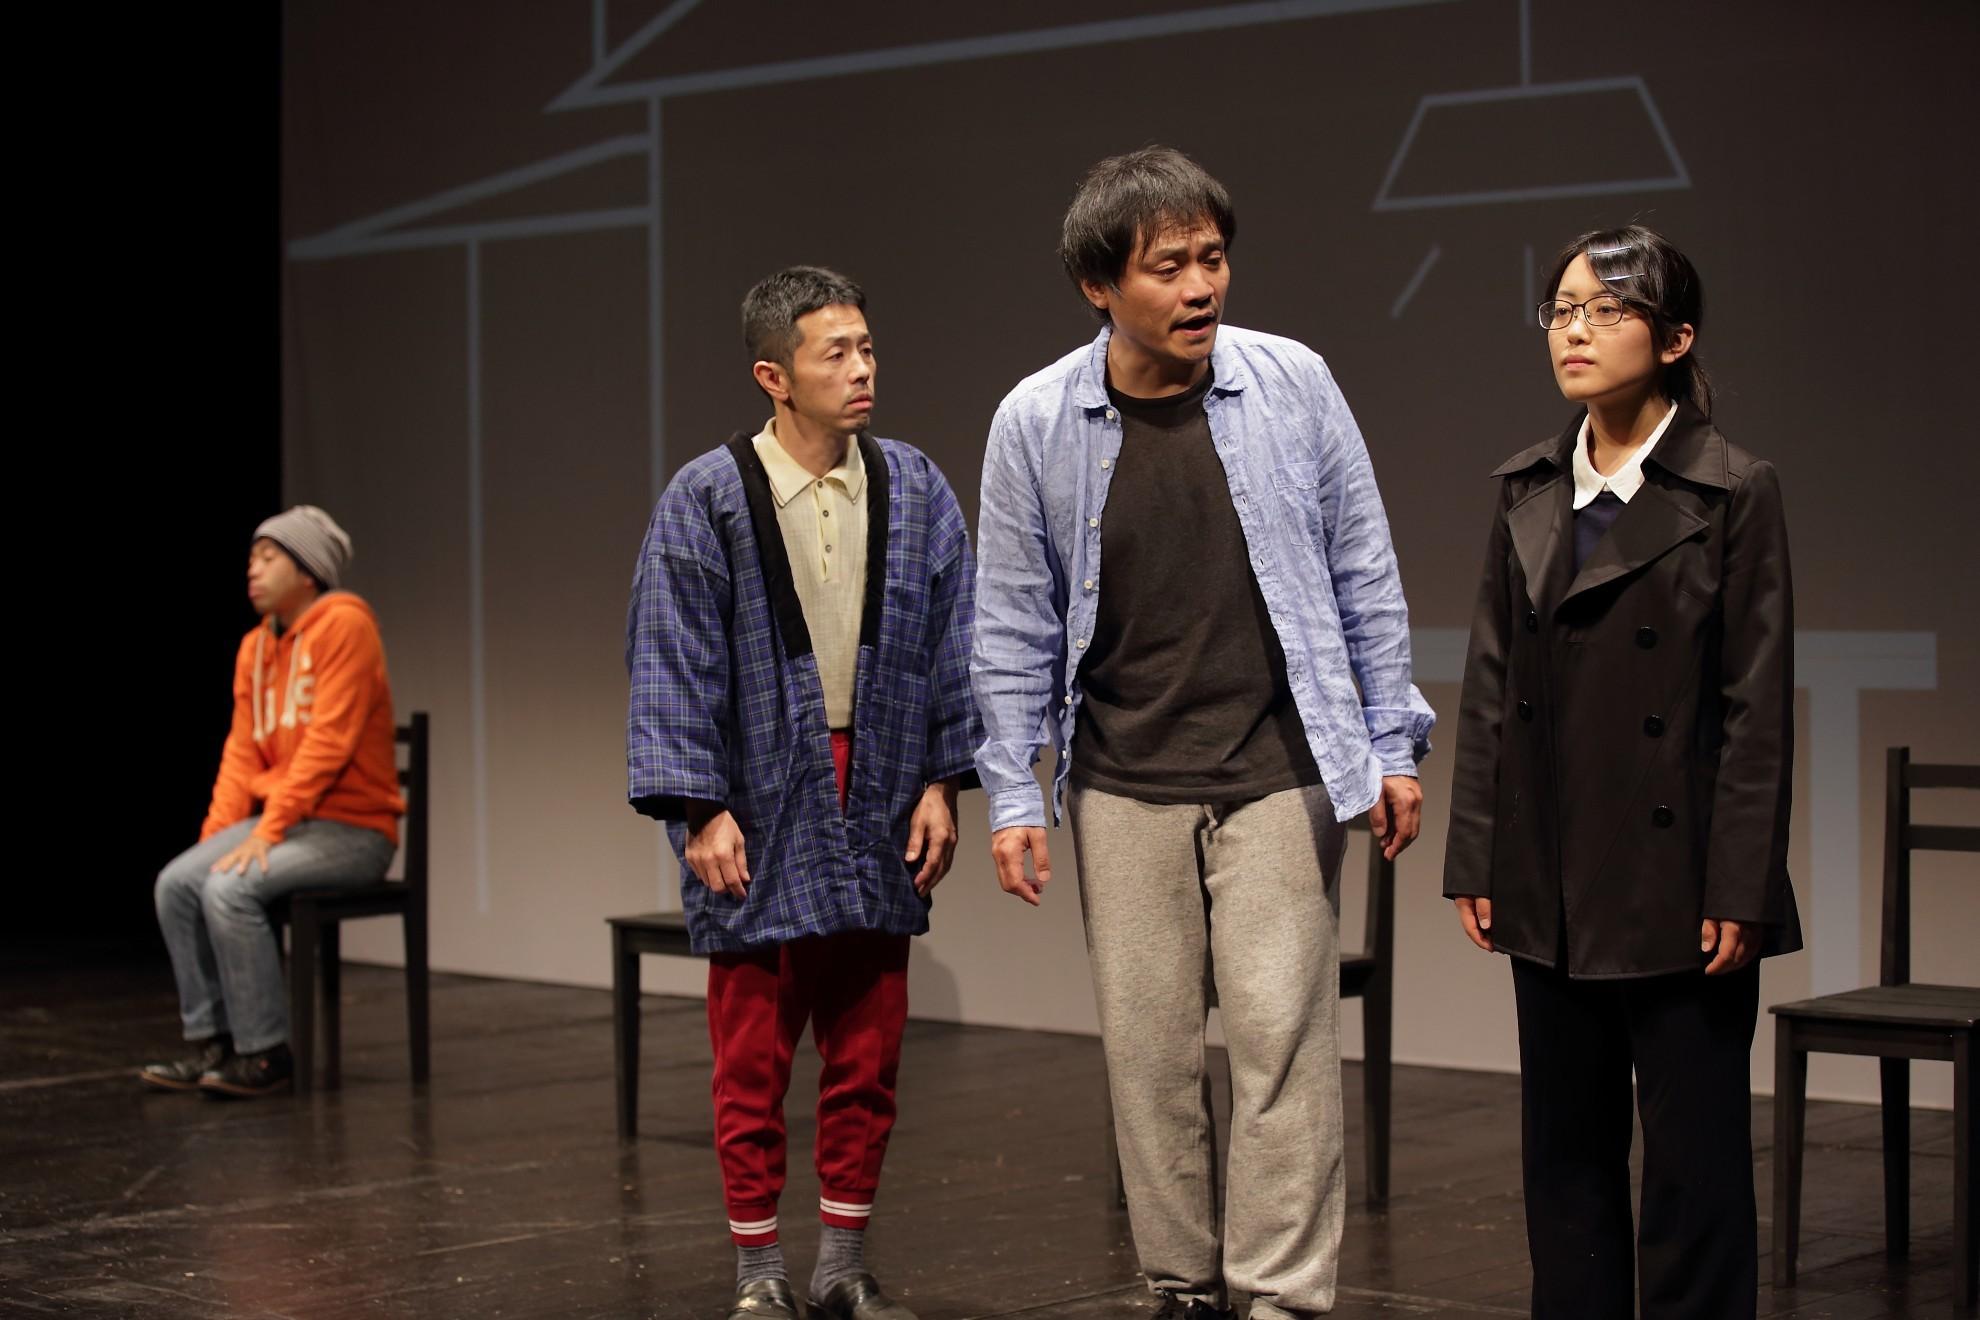 オイスターズ 第17回公演『その妹』(愛知県芸術劇場小ホール、2015年11月)